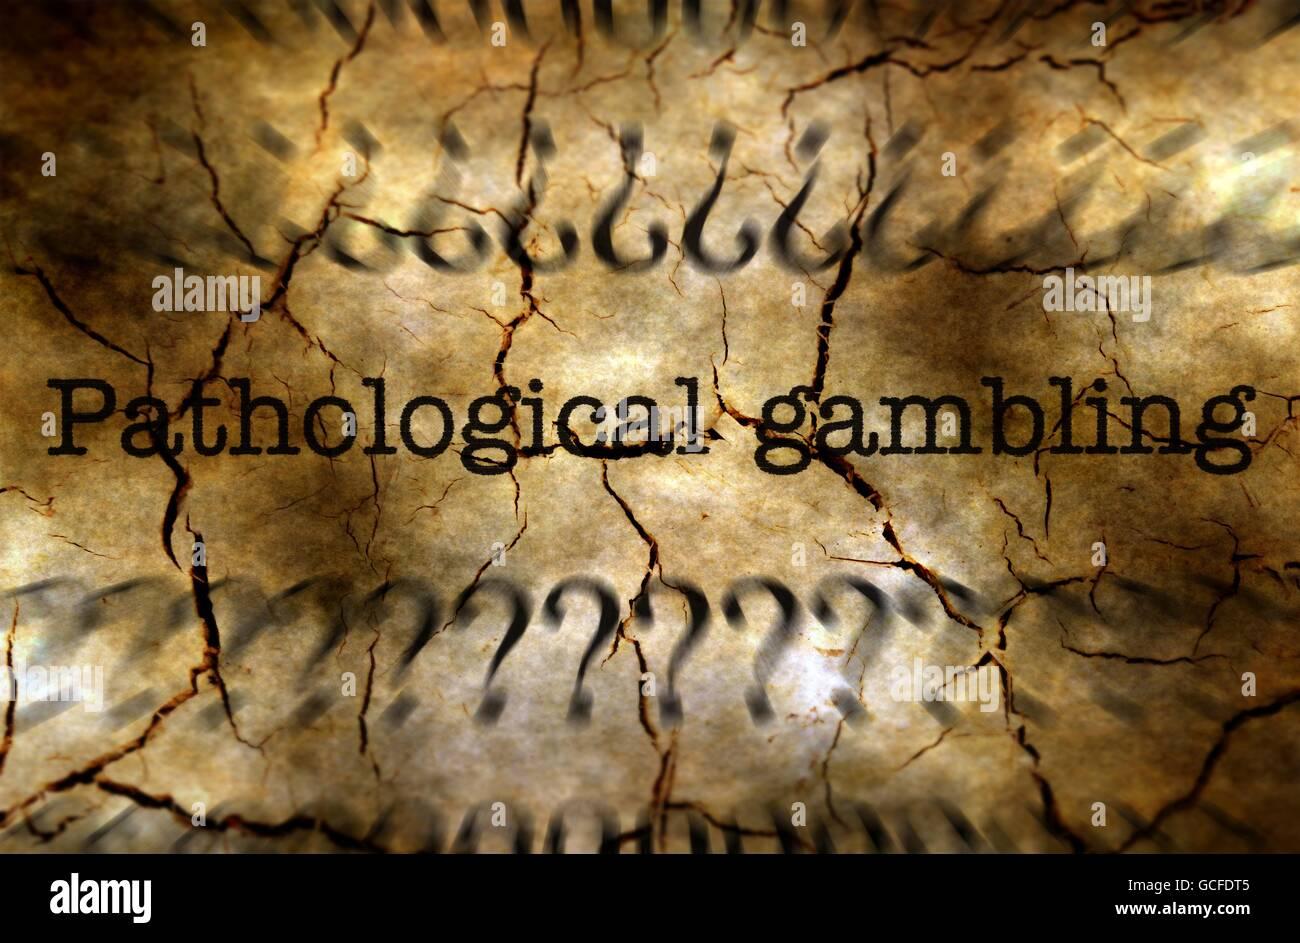 Pathological gambling disease concept - Stock Image